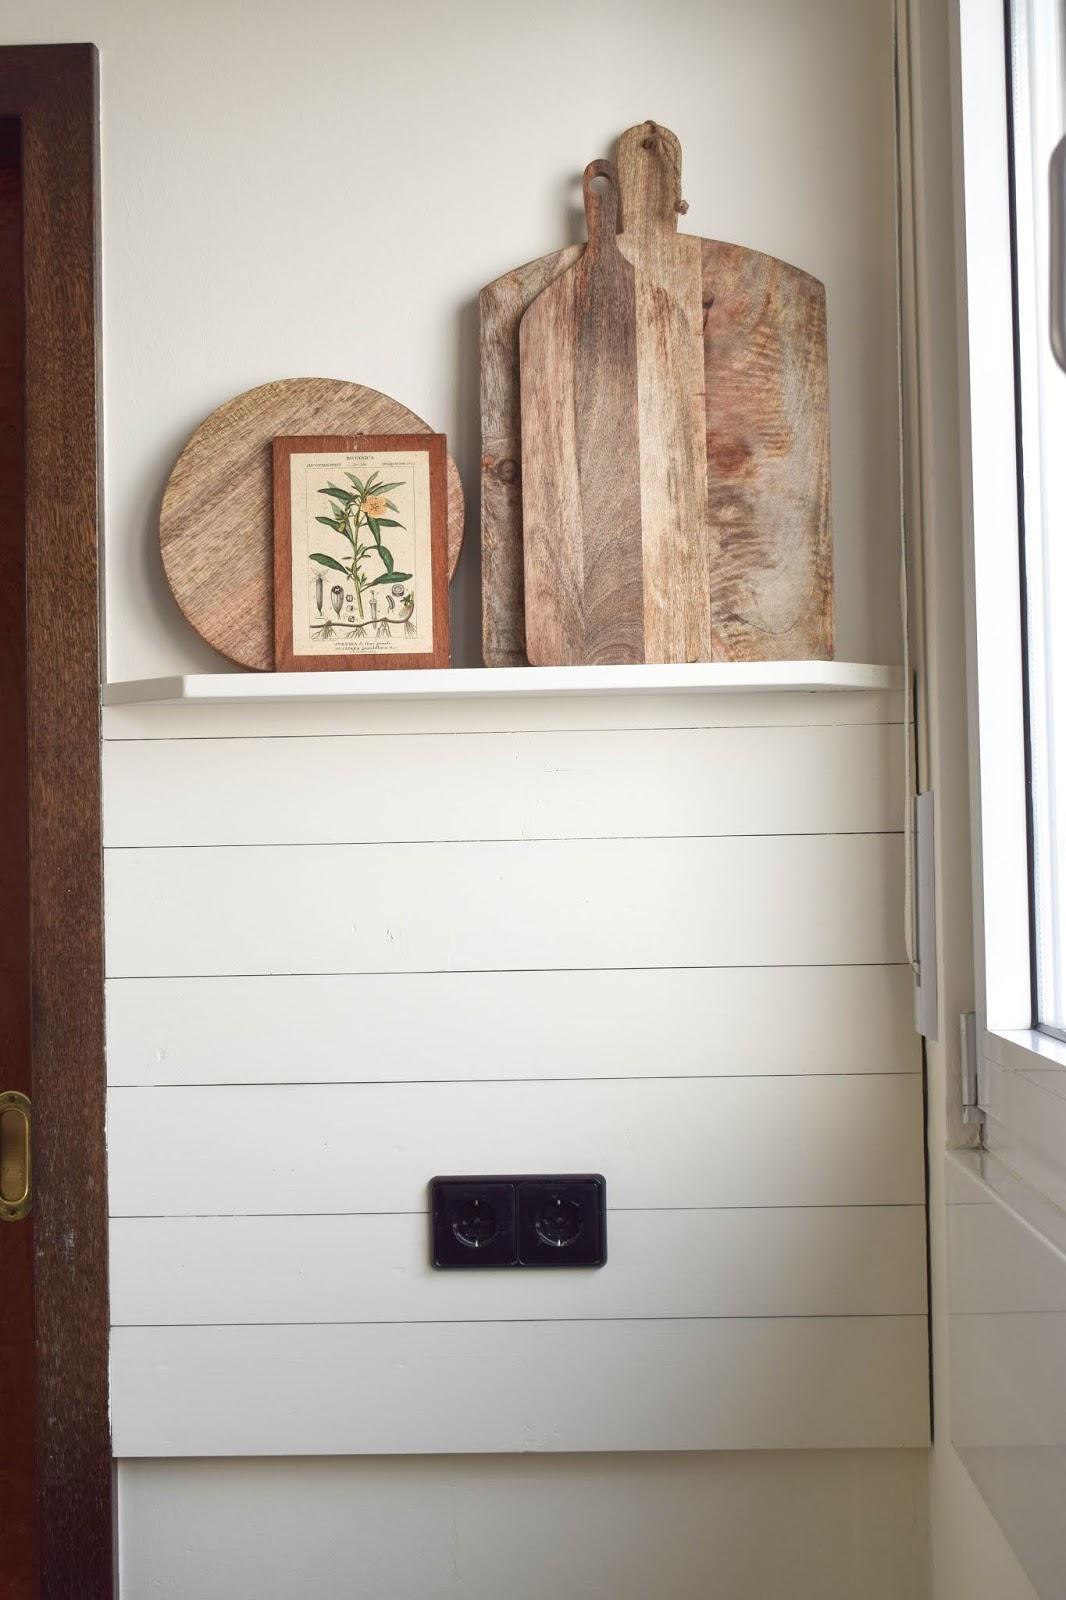 Erfreut Diy Küchenschrank Renovierung Bilder - Küchen Ideen Modern ...